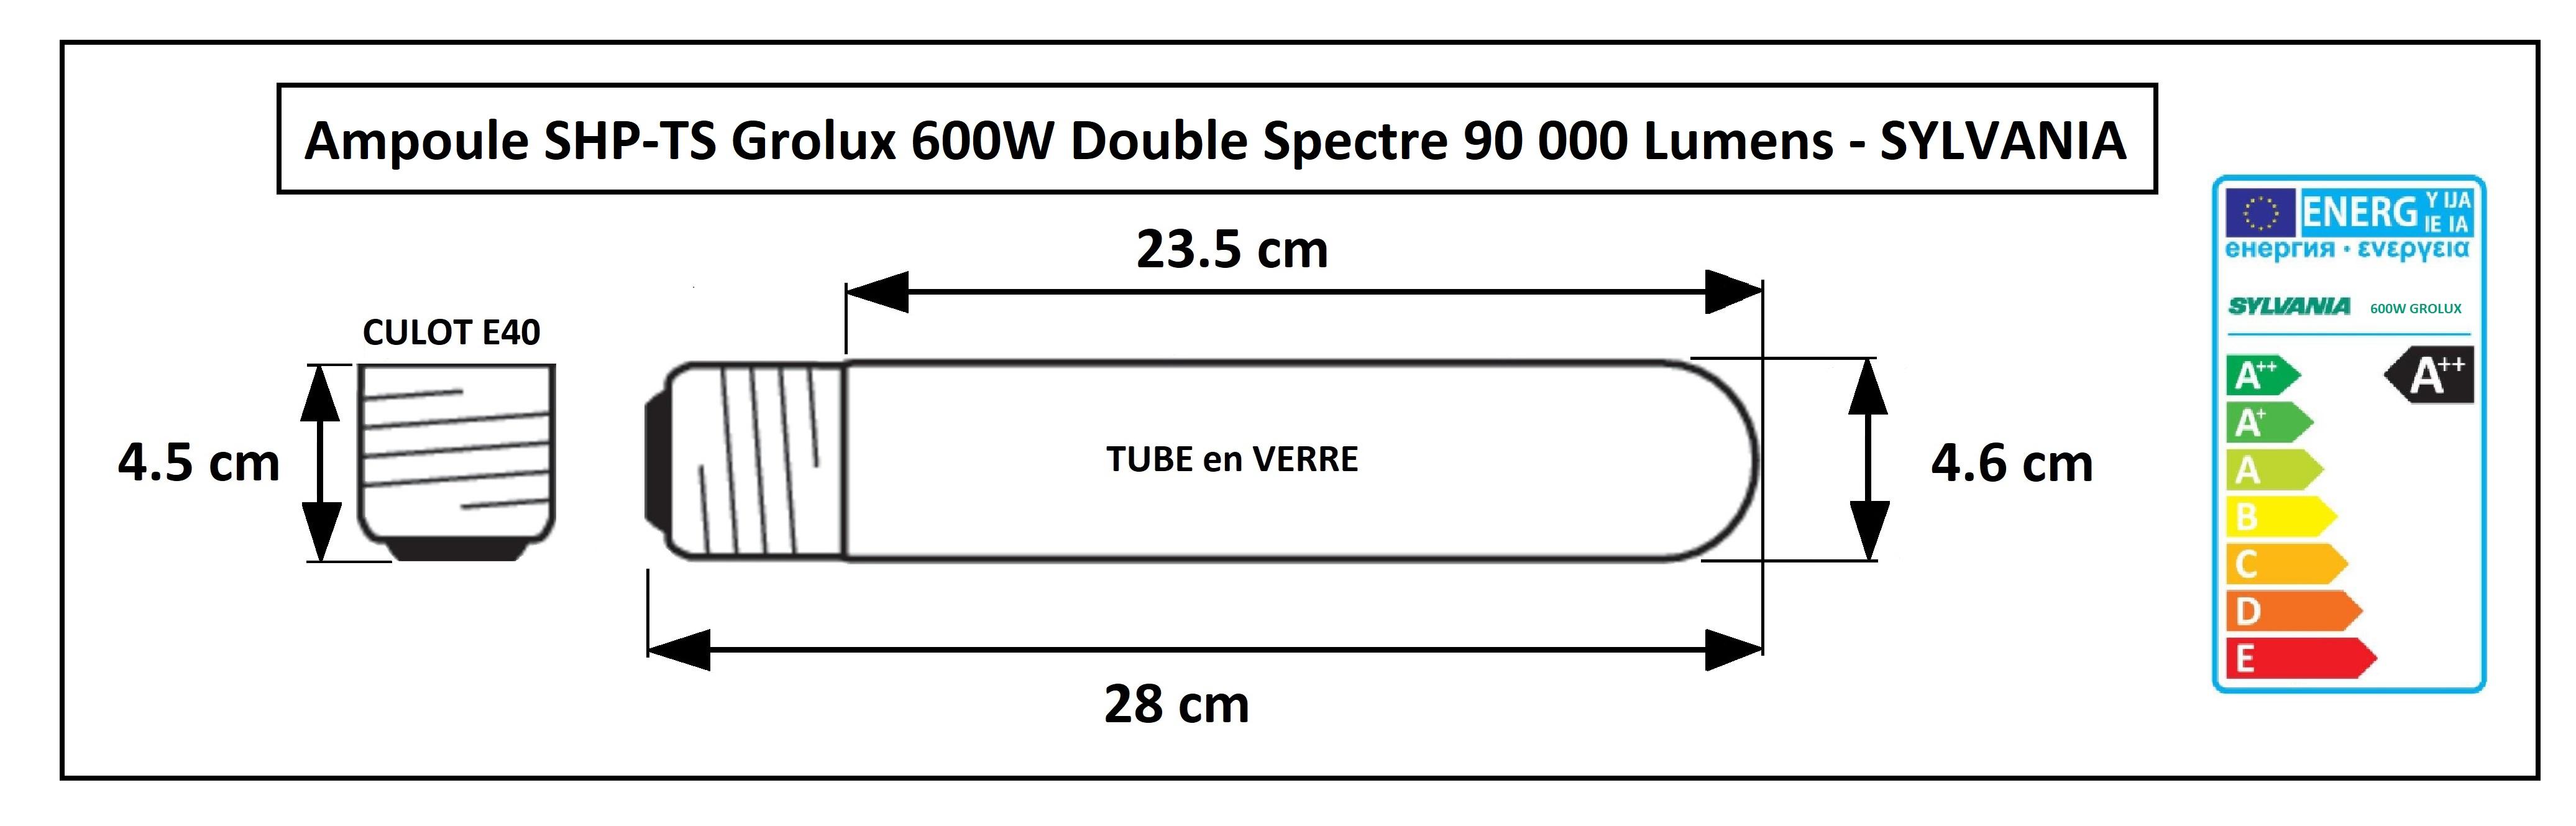 Cractéristiques de l'ampoule Grolux 600W agro